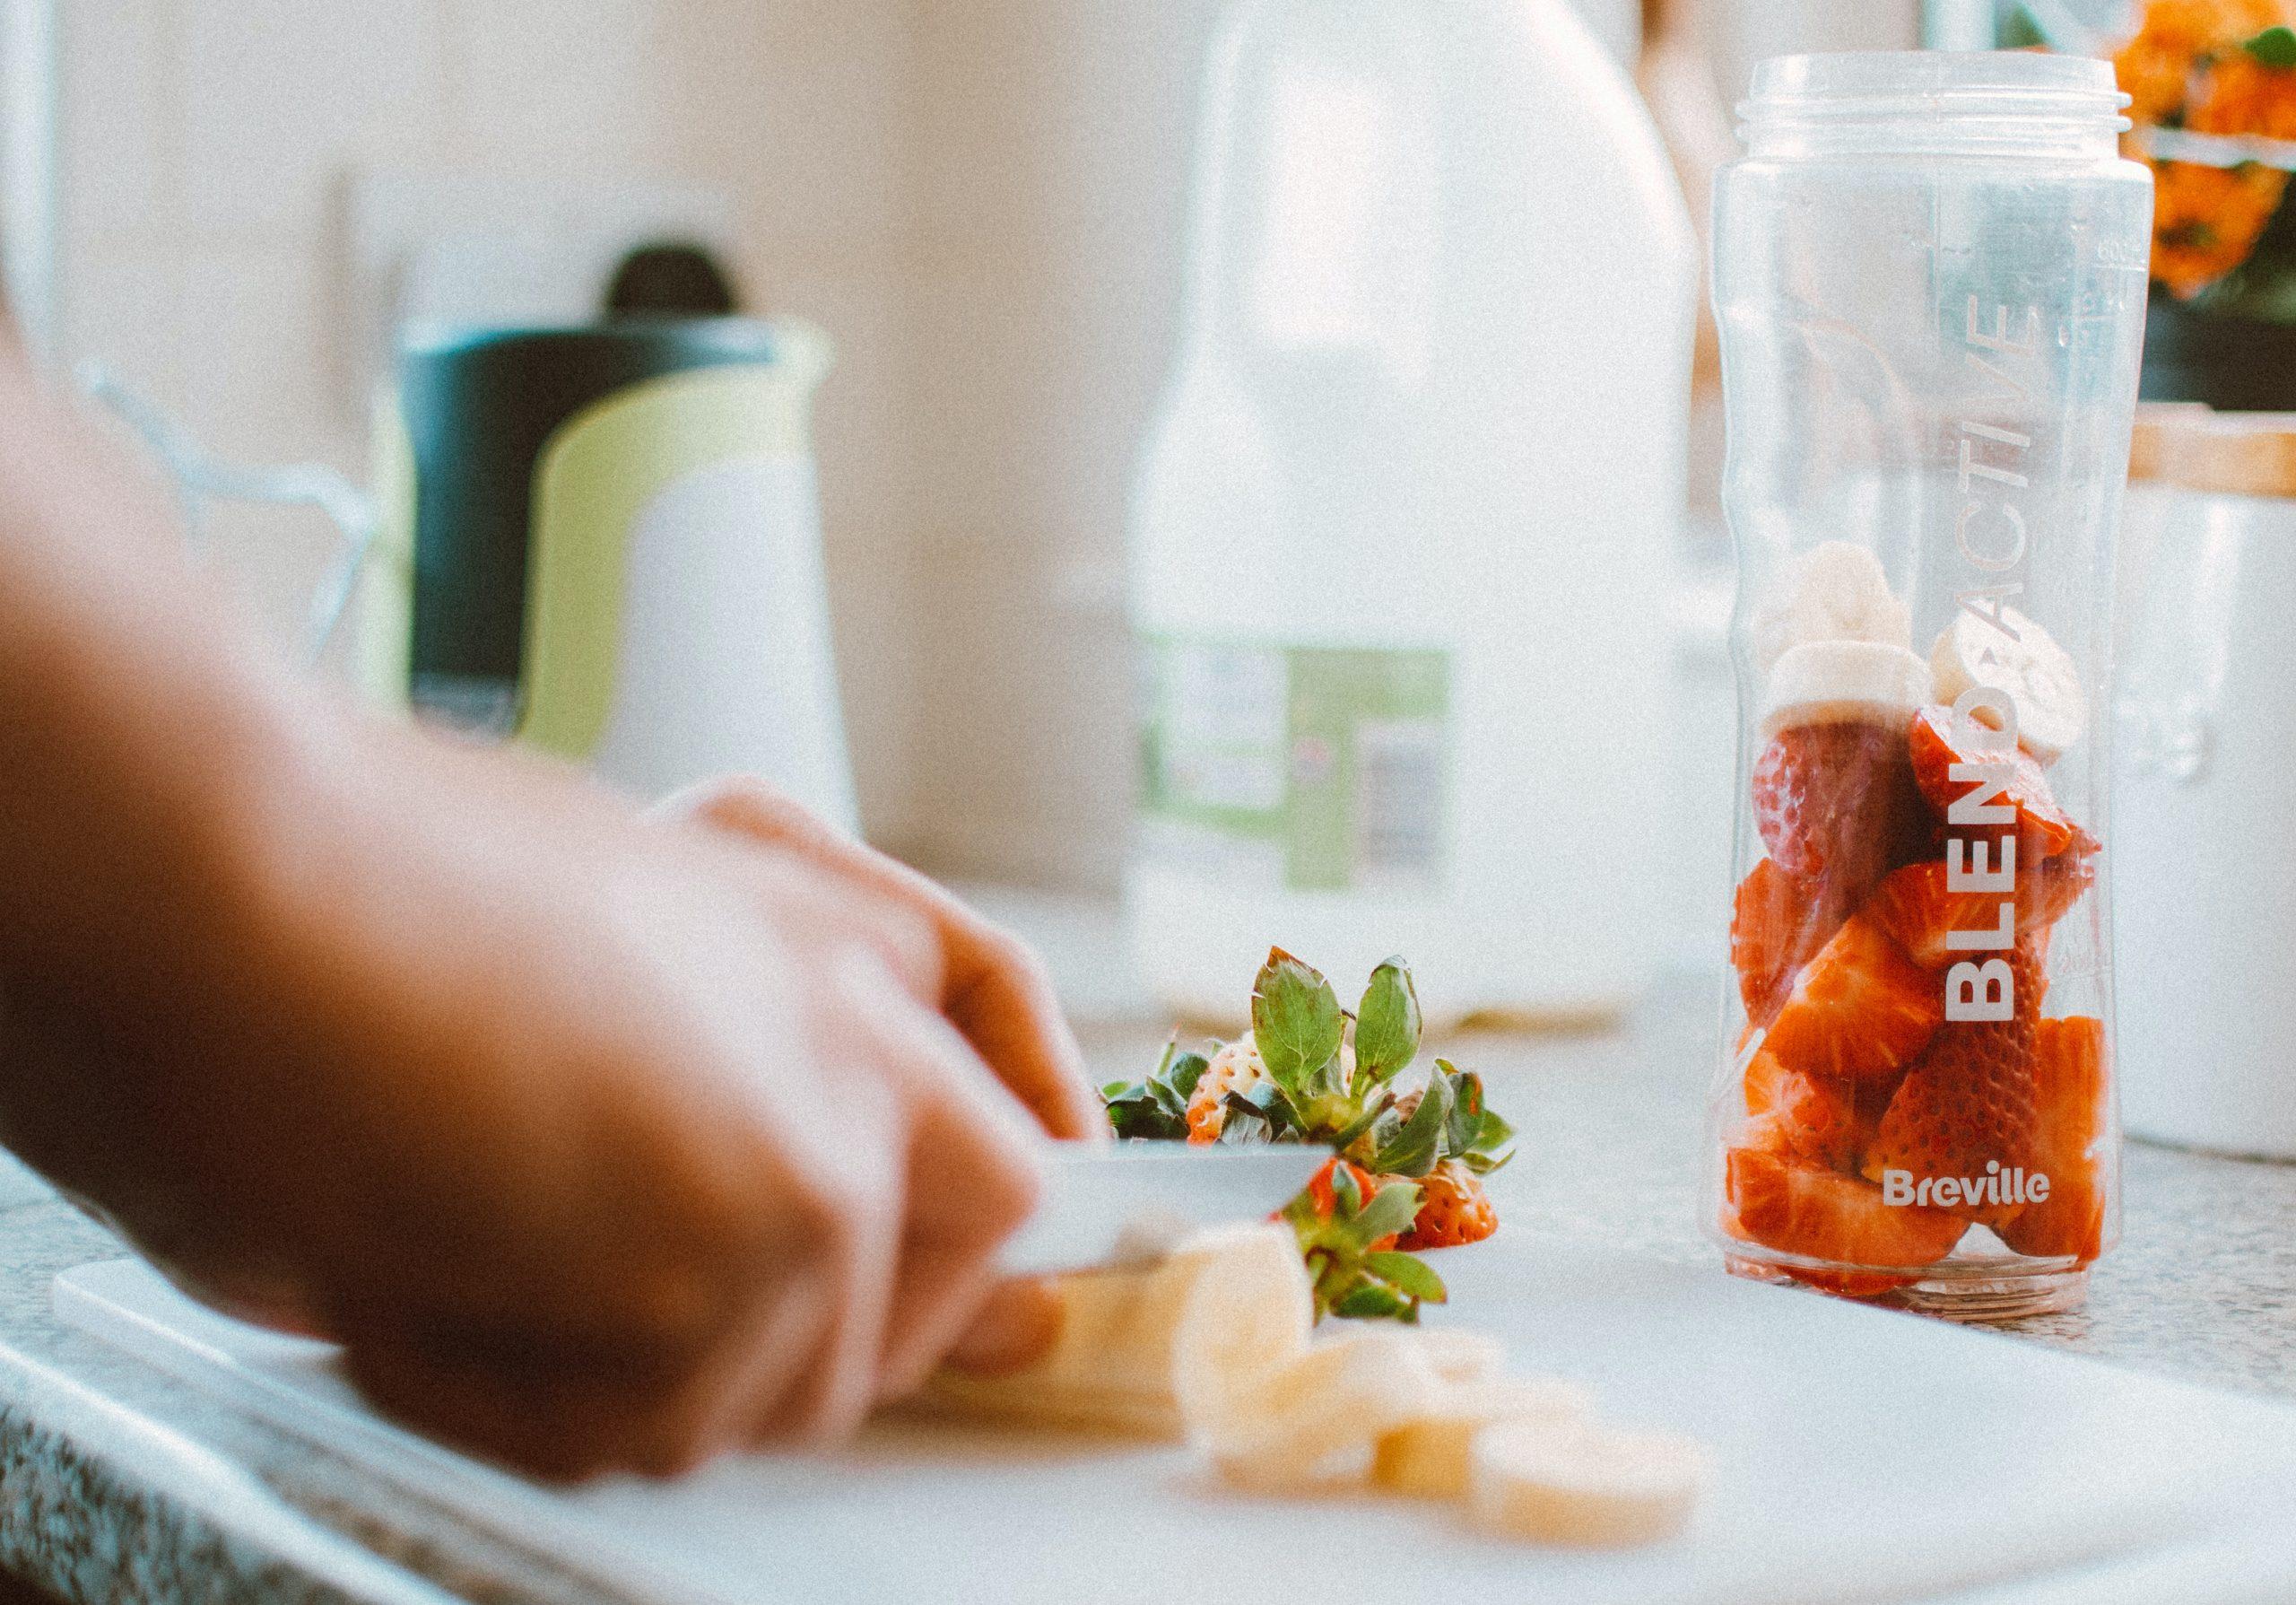 Imagem de uma pessoa cortando frutas para fazer uma vitamina.